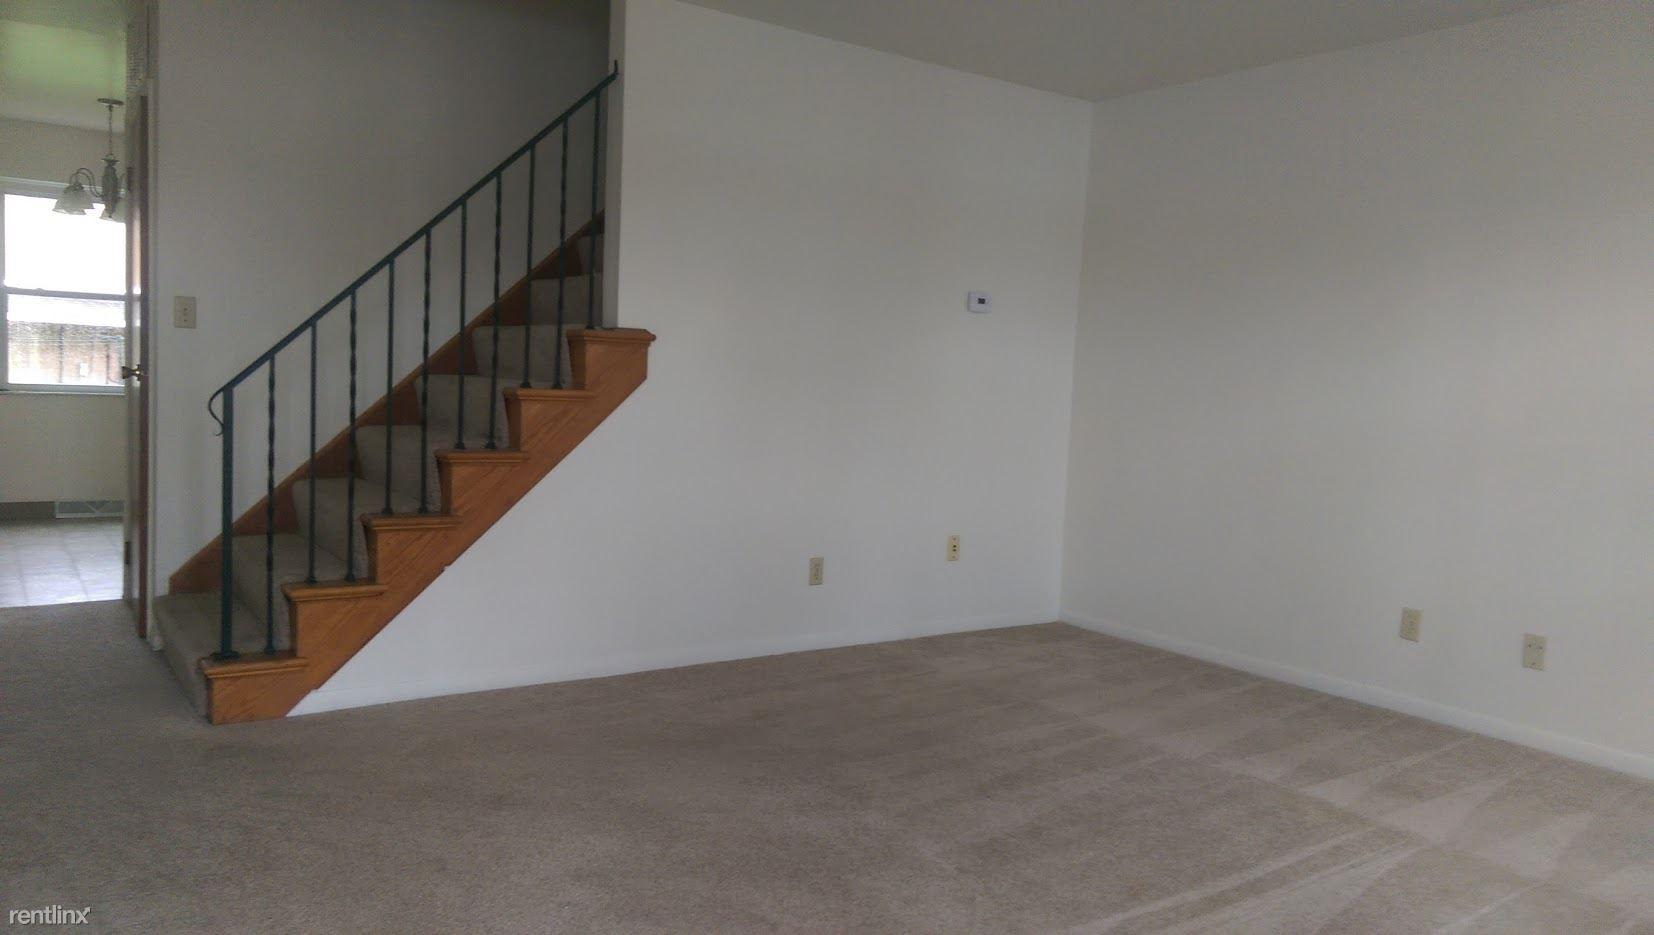 ridgewood stairs